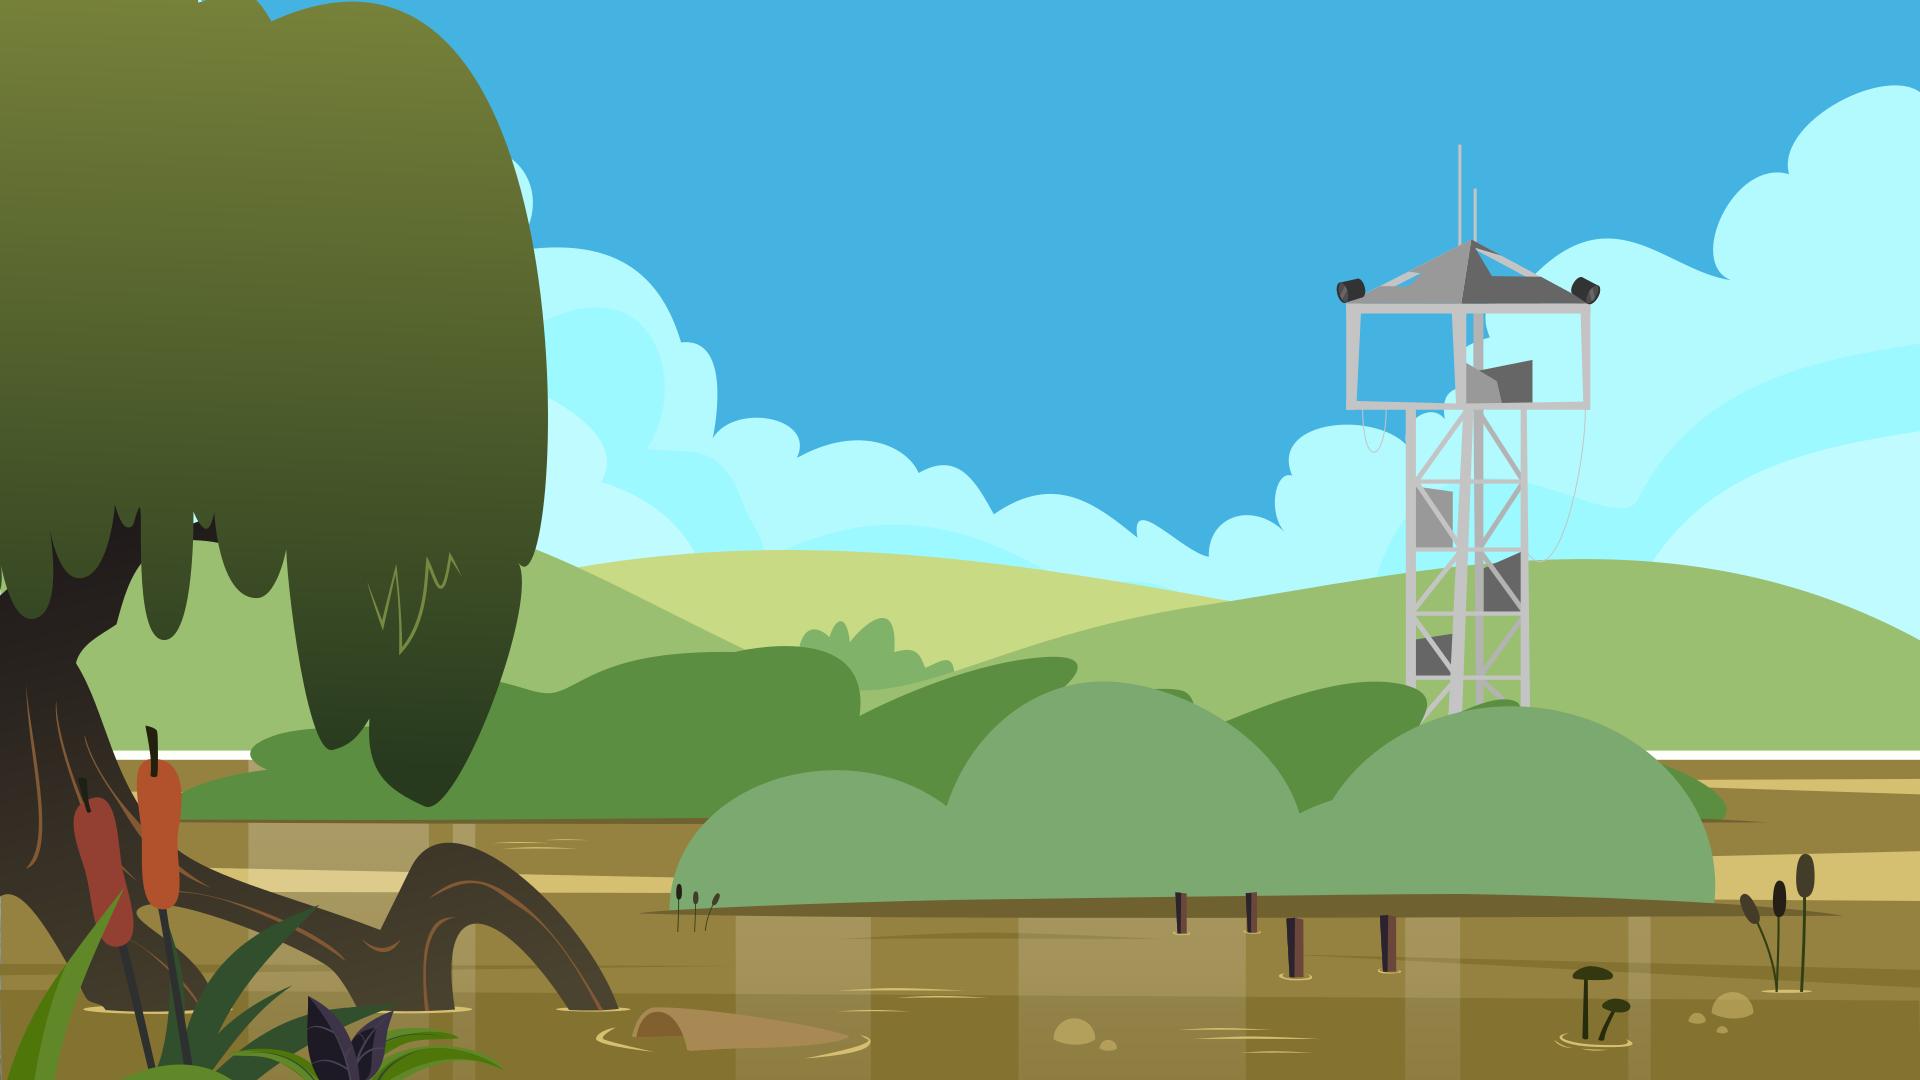 Обои деревья, дорога, сталкер, чернобыль, сталкер, Fan art, птицы, зона. Игры foto 4